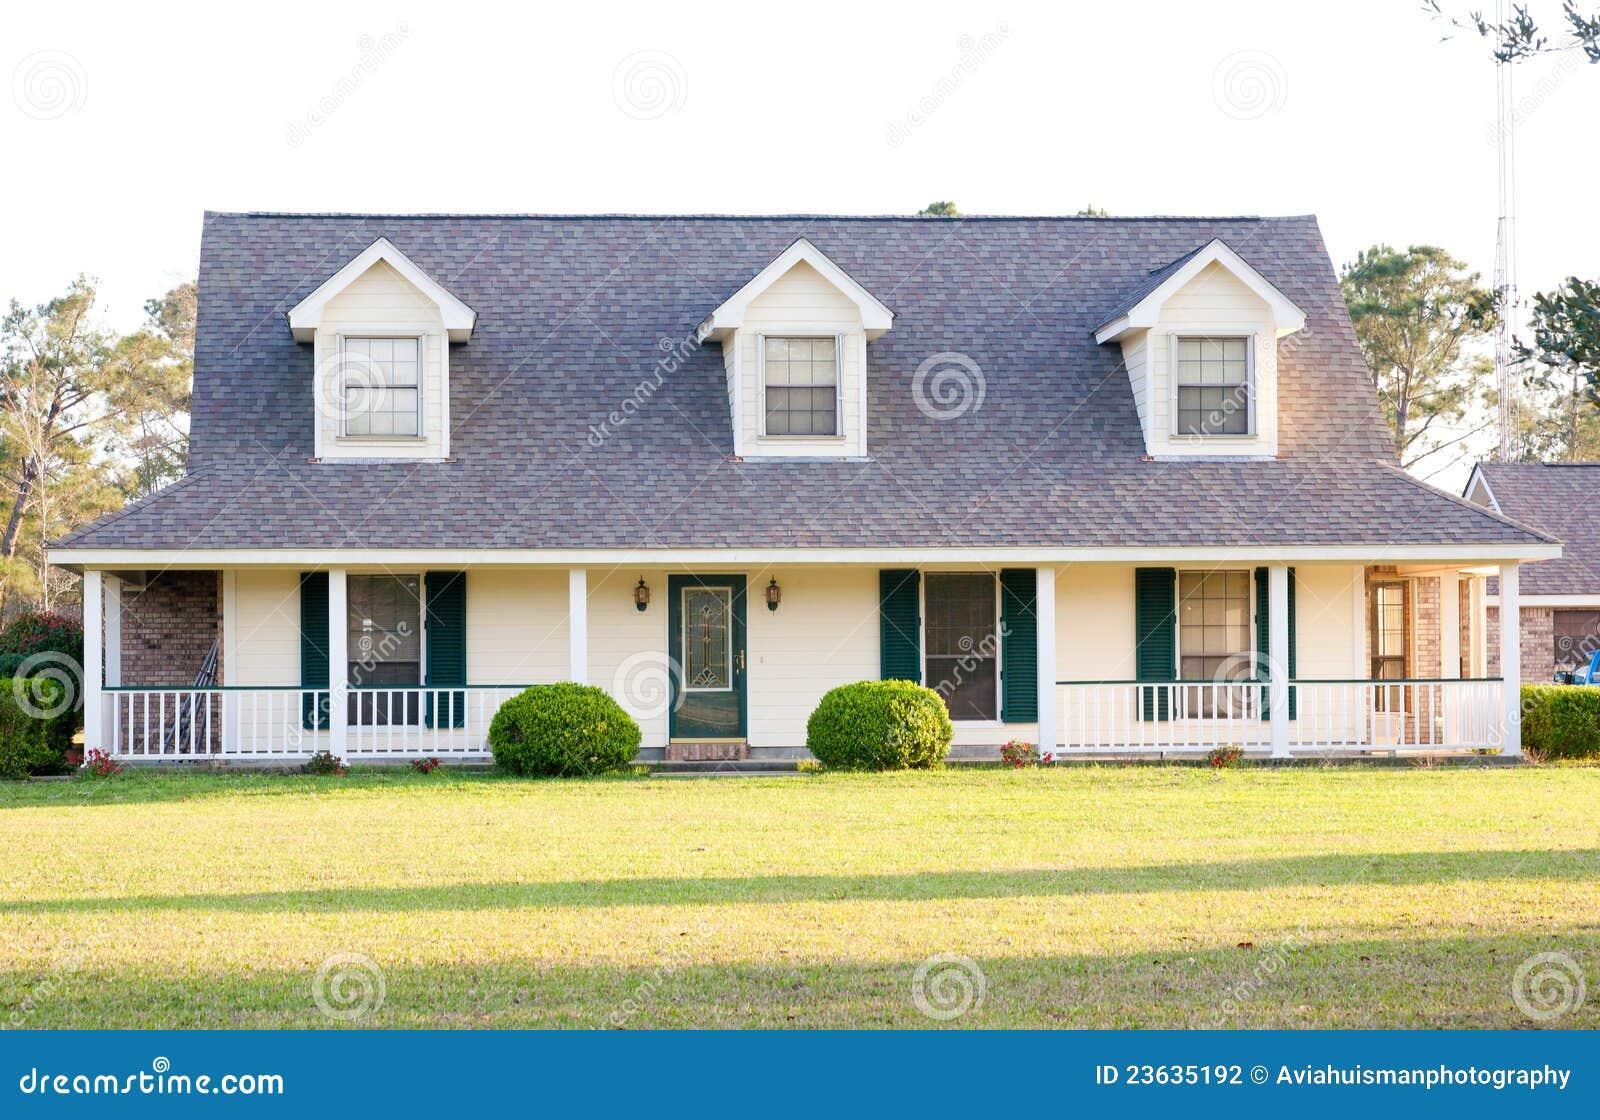 Maison Moderne De Type De Ranch Photos libres de droits - Image ...